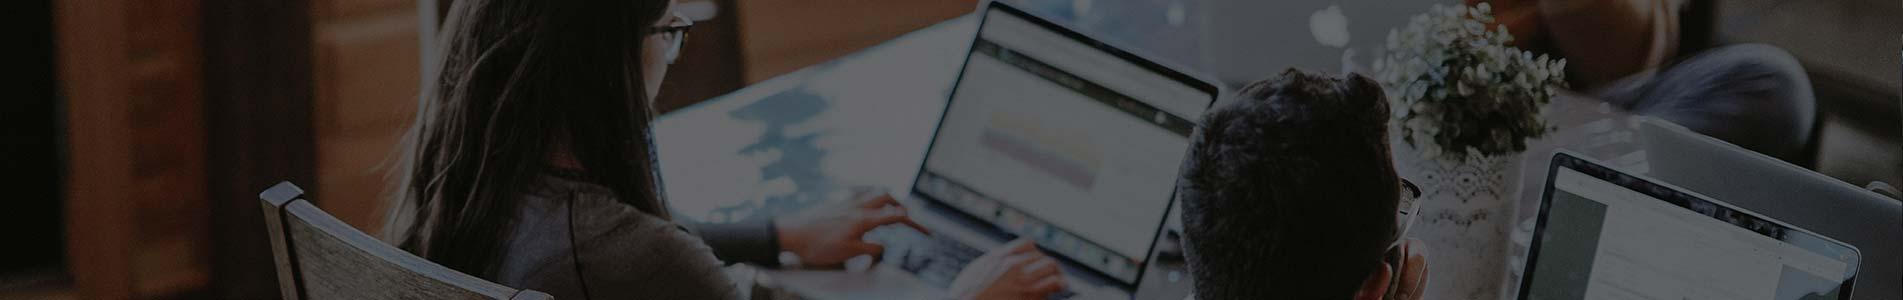 Competencia digitales